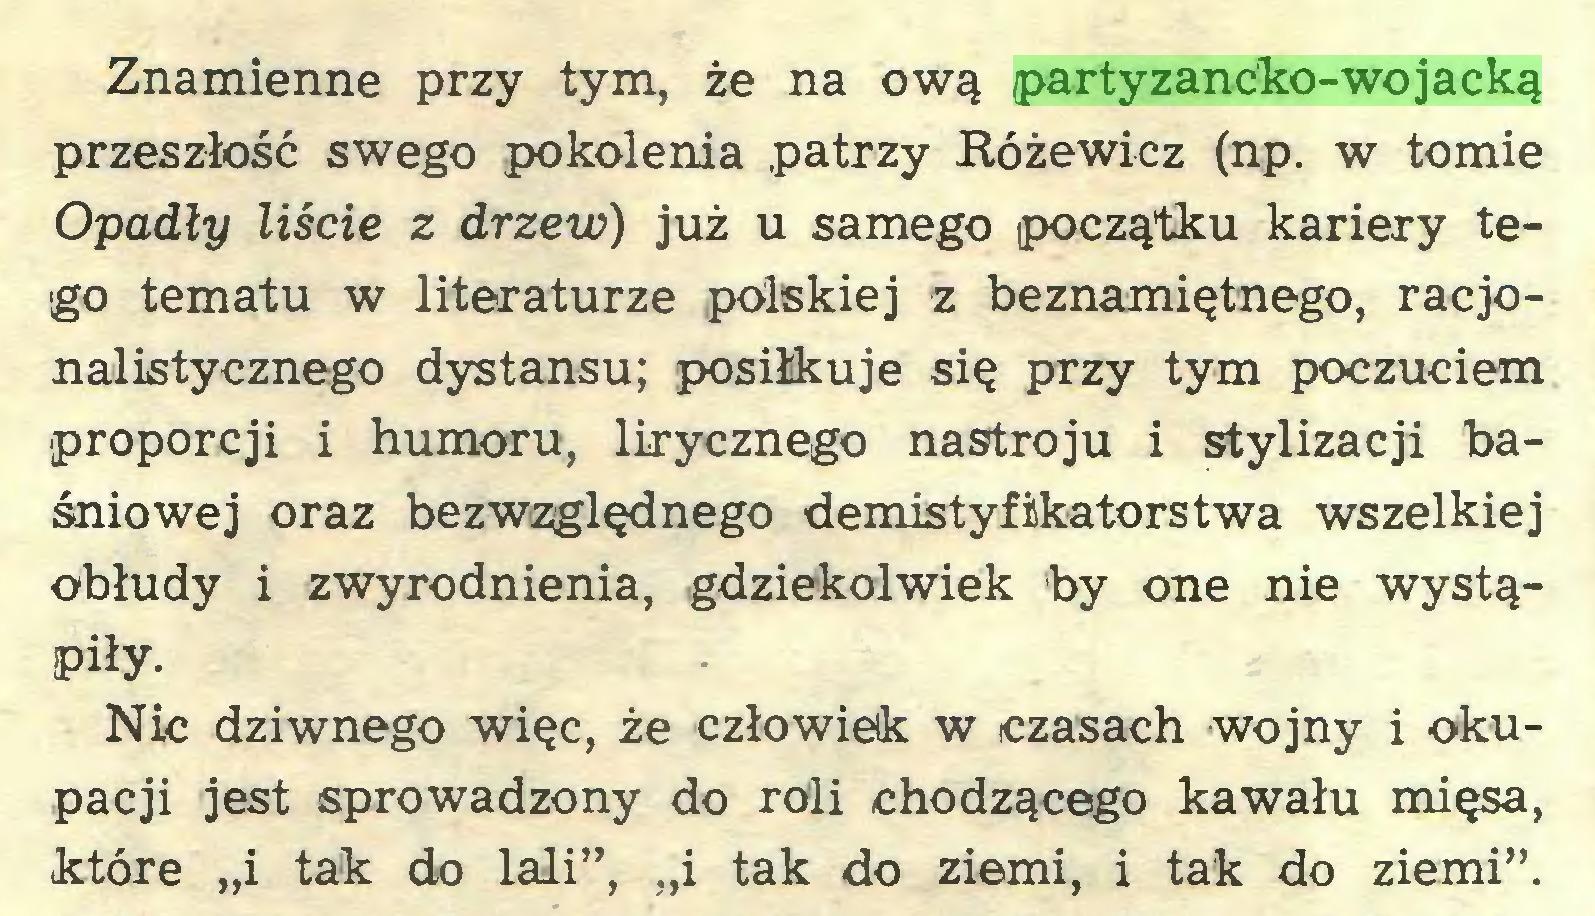 """(...) Znamienne przy tym, że na ową partyzancko-wojacką przeszłość swego pokolenia patrzy Różewicz (np. w tomie Opadły liście z drzew) już u samego początku kariery tego tematu w literaturze polskiej z beznamiętnego, racjonalistycznego dystansu; posiłkuje się przy tym poczuciem proporcji i humoru, lirycznego nastroju i stylizacji baśniowej oraz bezwzględnego demistyfikatorstwa wszelkiej obłudy i zwyrodnienia, gdziekolwiek by one nie wystąpiłyNic dziwnego więc, że człowiek w czasach wojny i okupacji jest sprowadzony do roli chodzącego kawału mięsa, fctóre """"i tak do lali"""", """"i tak do ziemi, i tak do ziemi""""..."""